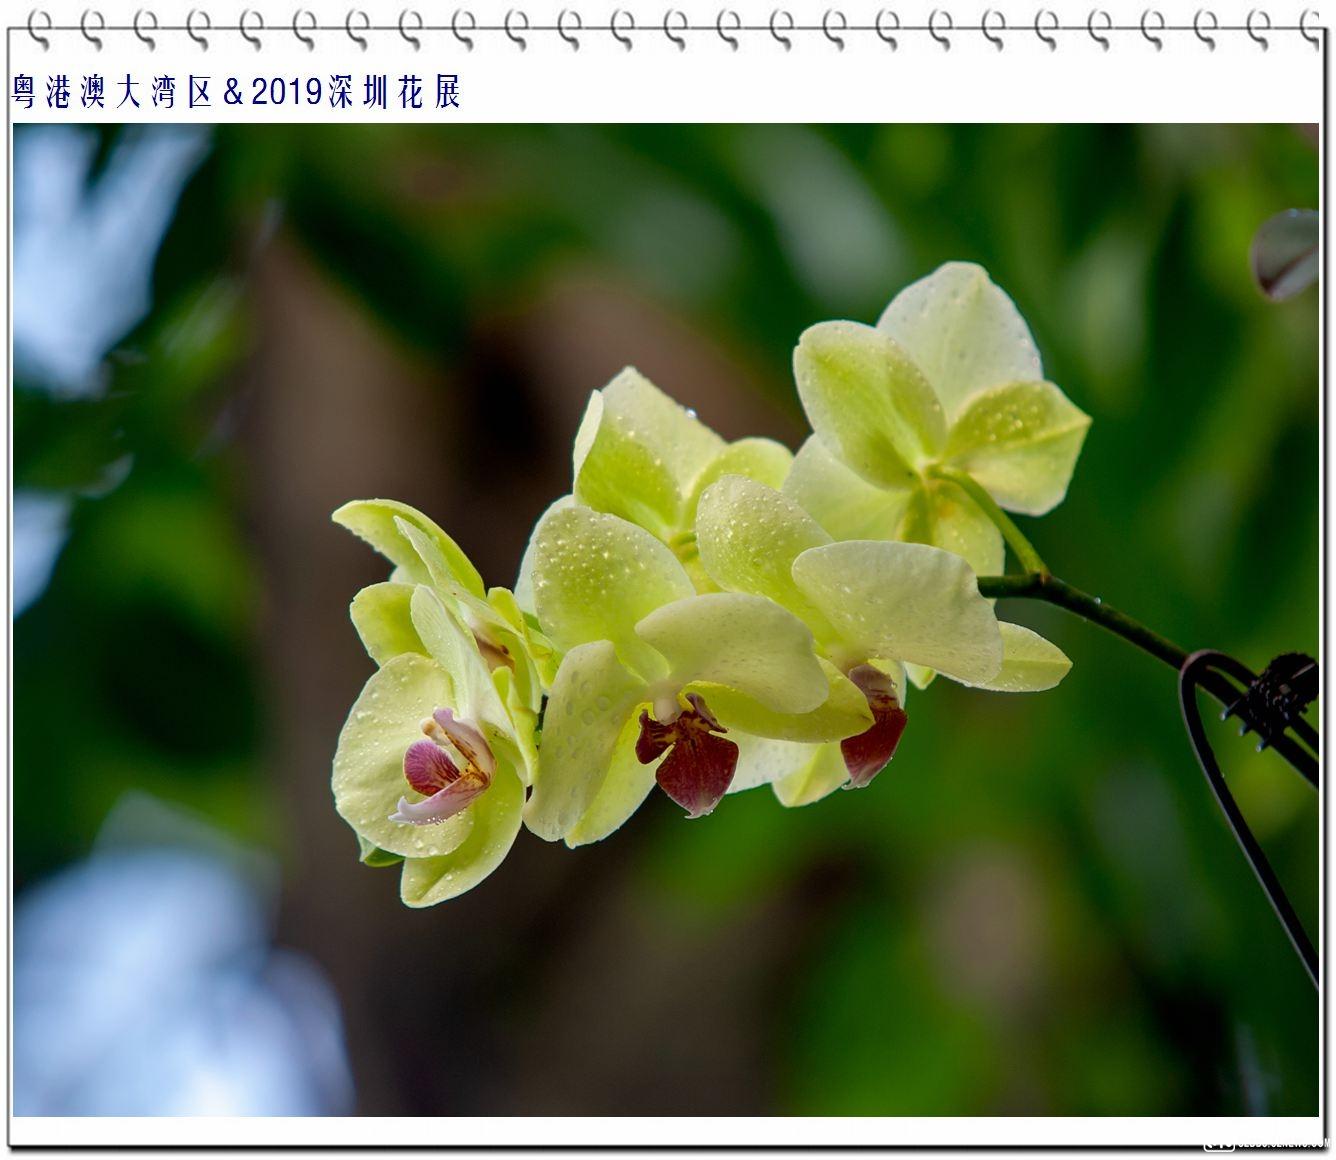 蝴蝶兰 (4).jpg